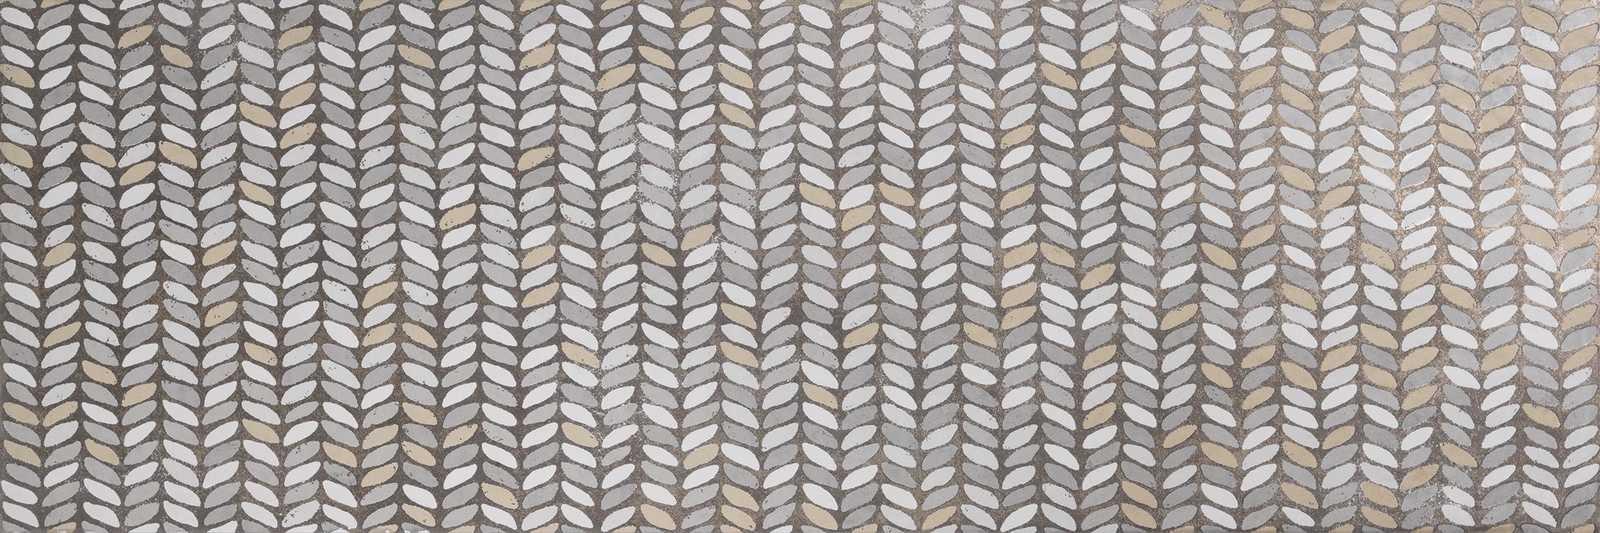 Декор Fresco Decoro Leaves Light/Pencil/Shadow 32,5x97,7